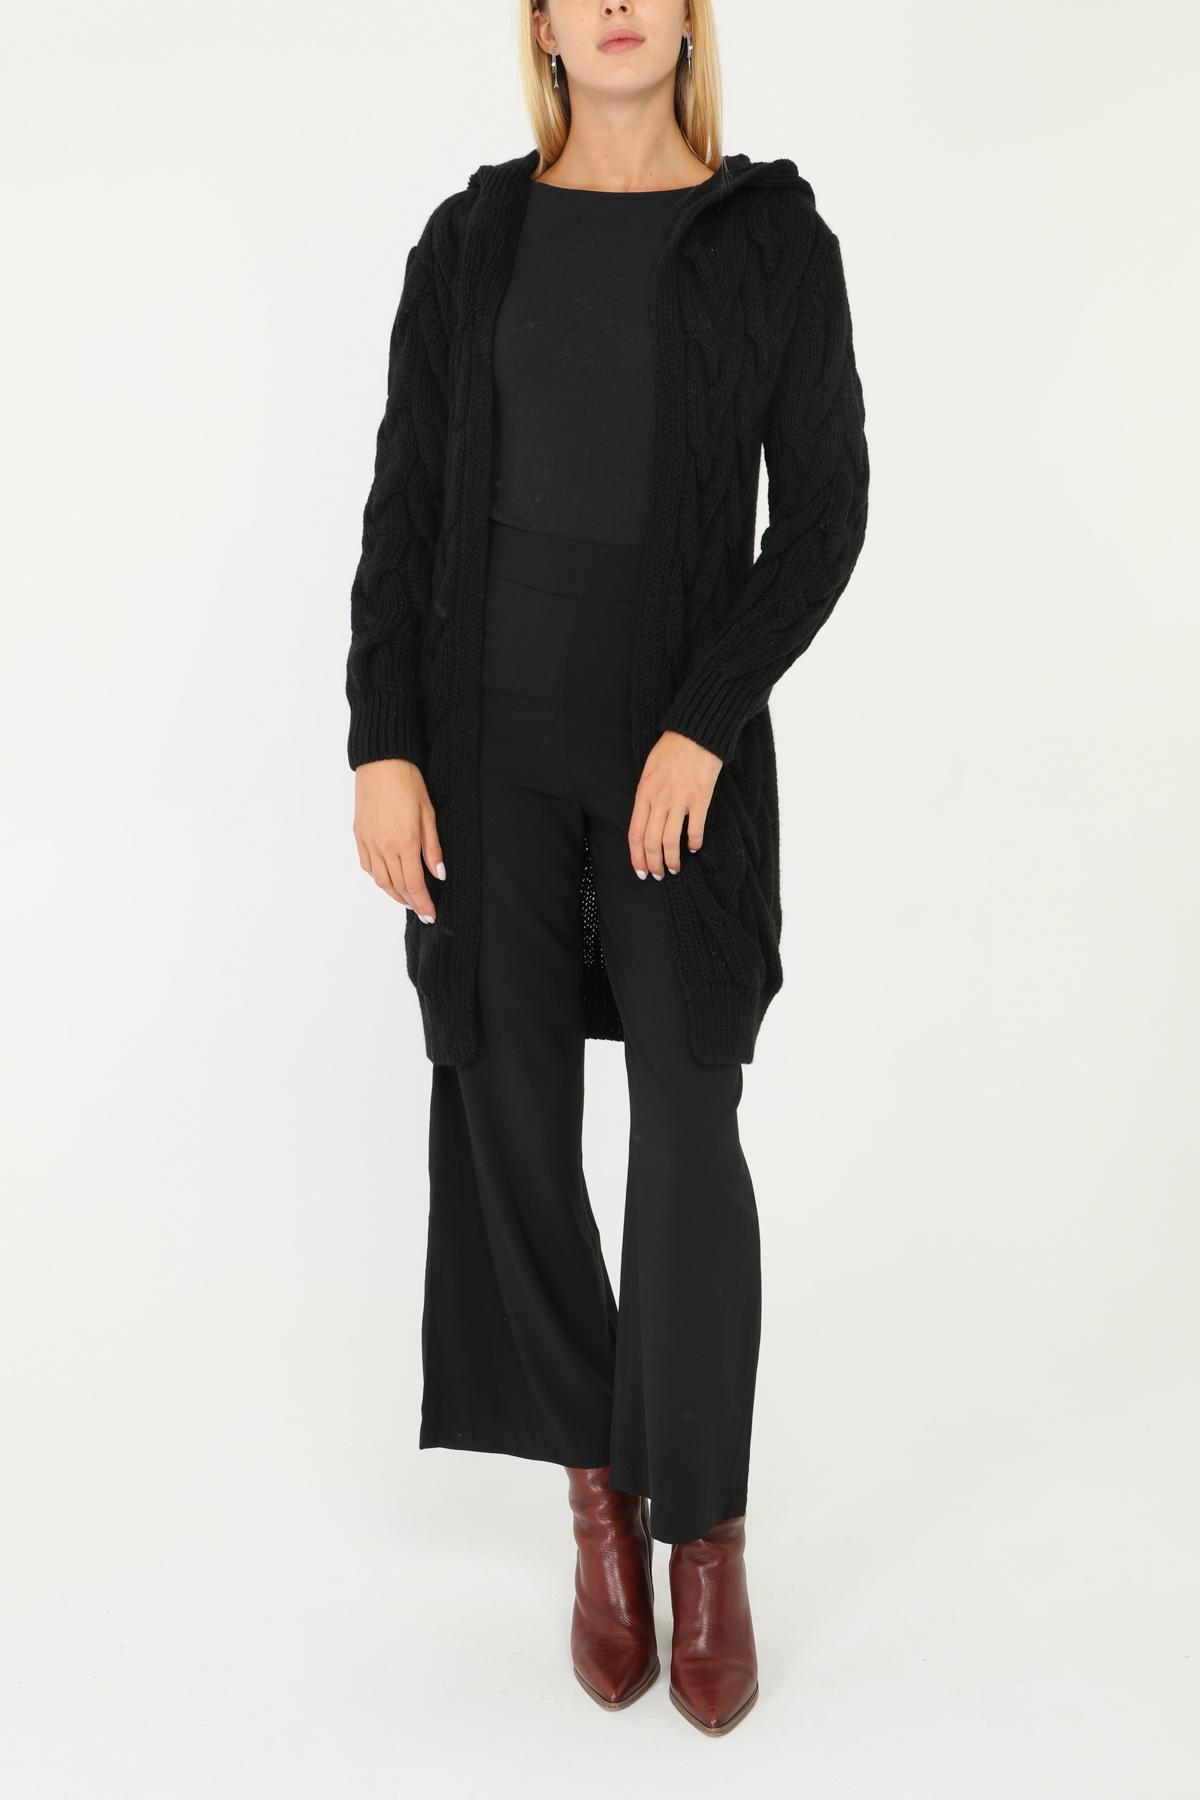 Gilets Femme Noir BELLE COPINE 3091 #c eFashion Paris